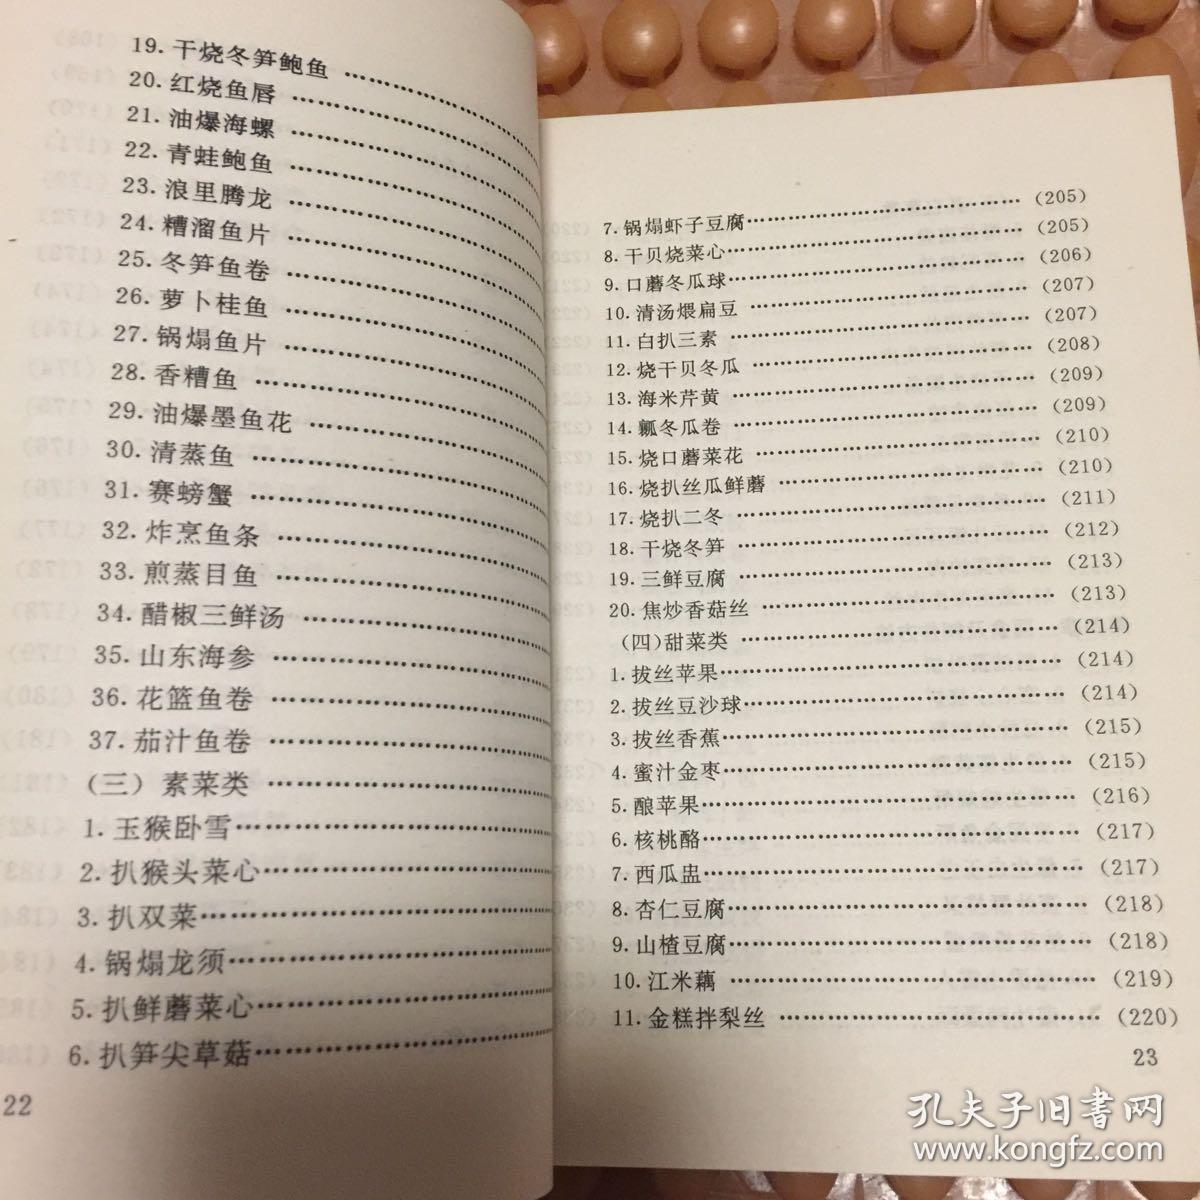 全聚德做法品好价低,请看图解,猪肉图_北京前门菜谱实物卷烤鸭拍照图片